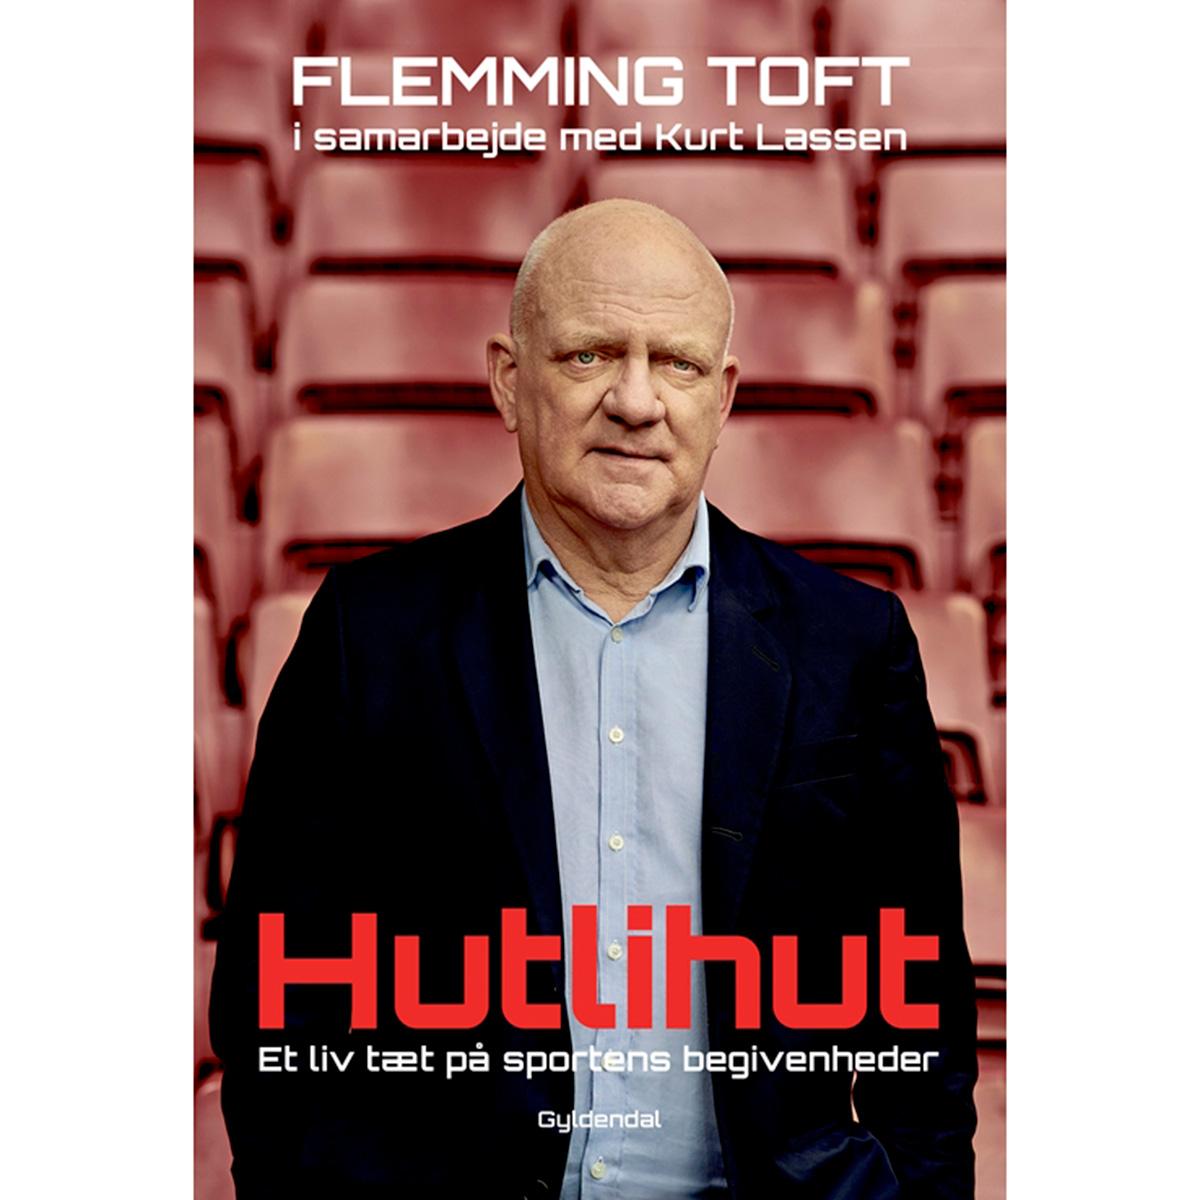 Hutlihut - et liv tæt på sportens store begivenheder - Hæftet